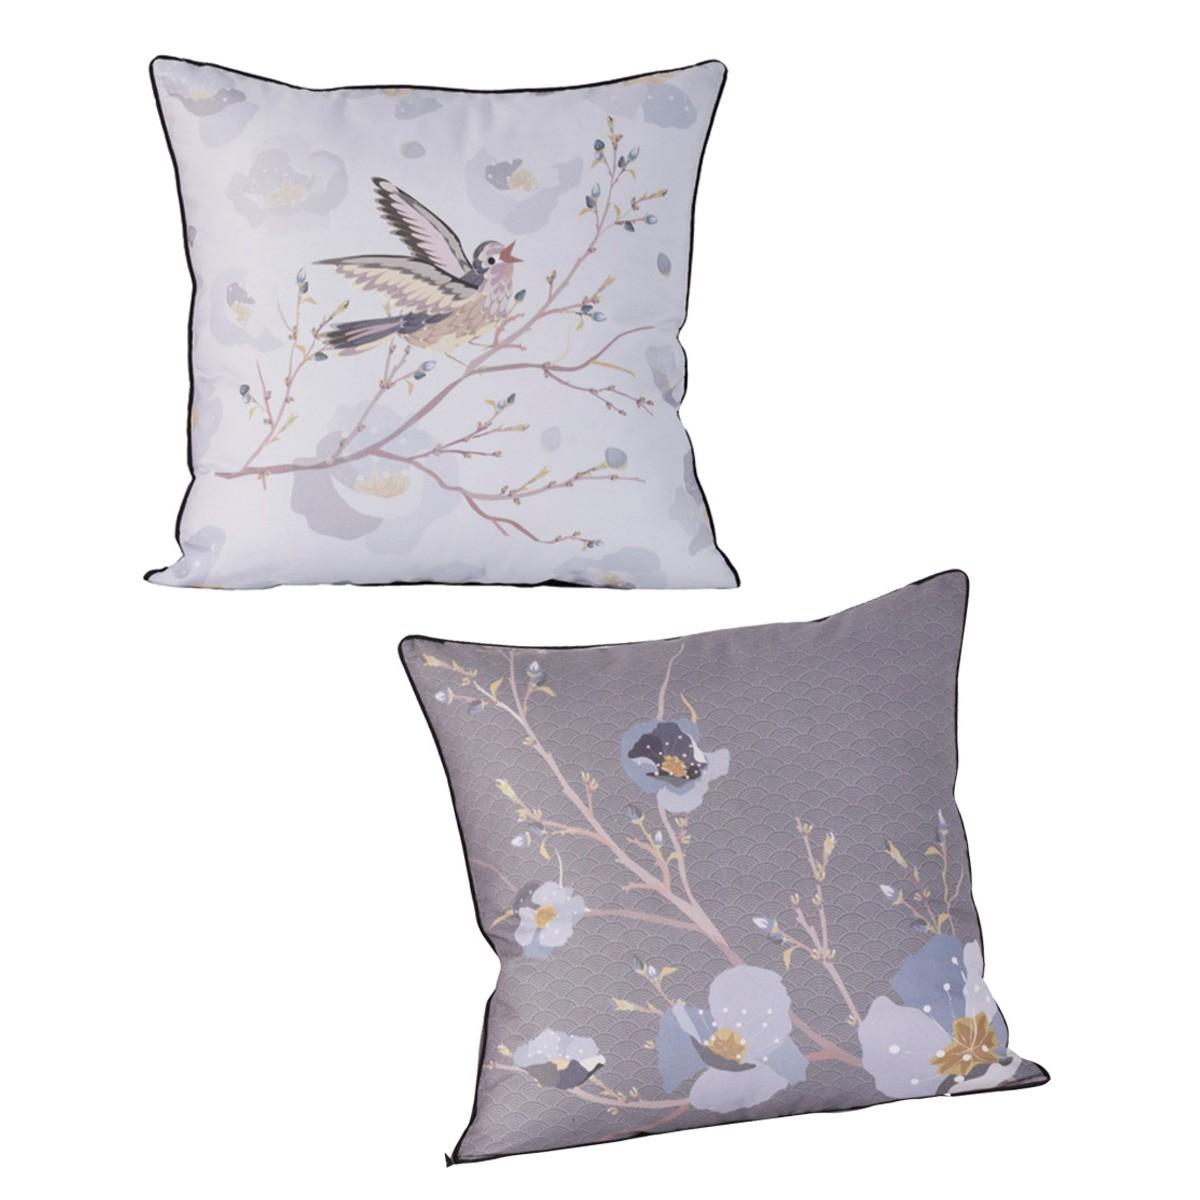 Διακοσμητική Μαξιλαροθήκη 2Όψεων Kentia Loft Clio 32 home   κρεβατοκάμαρα   διακοσμητικά μαξιλάρια